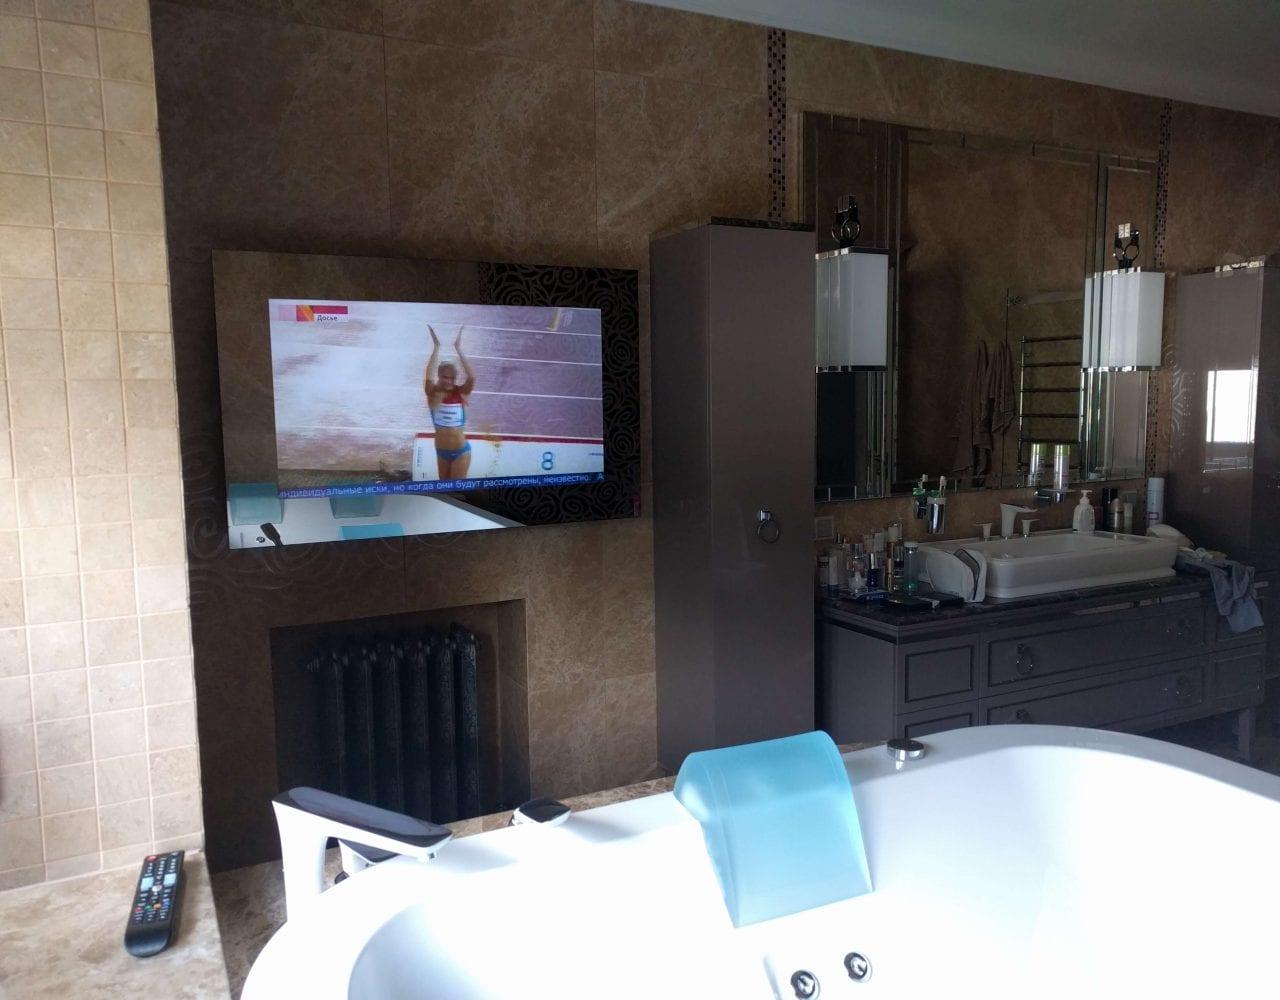 Дизайнерский телевизор burgglass в зеркале ванной